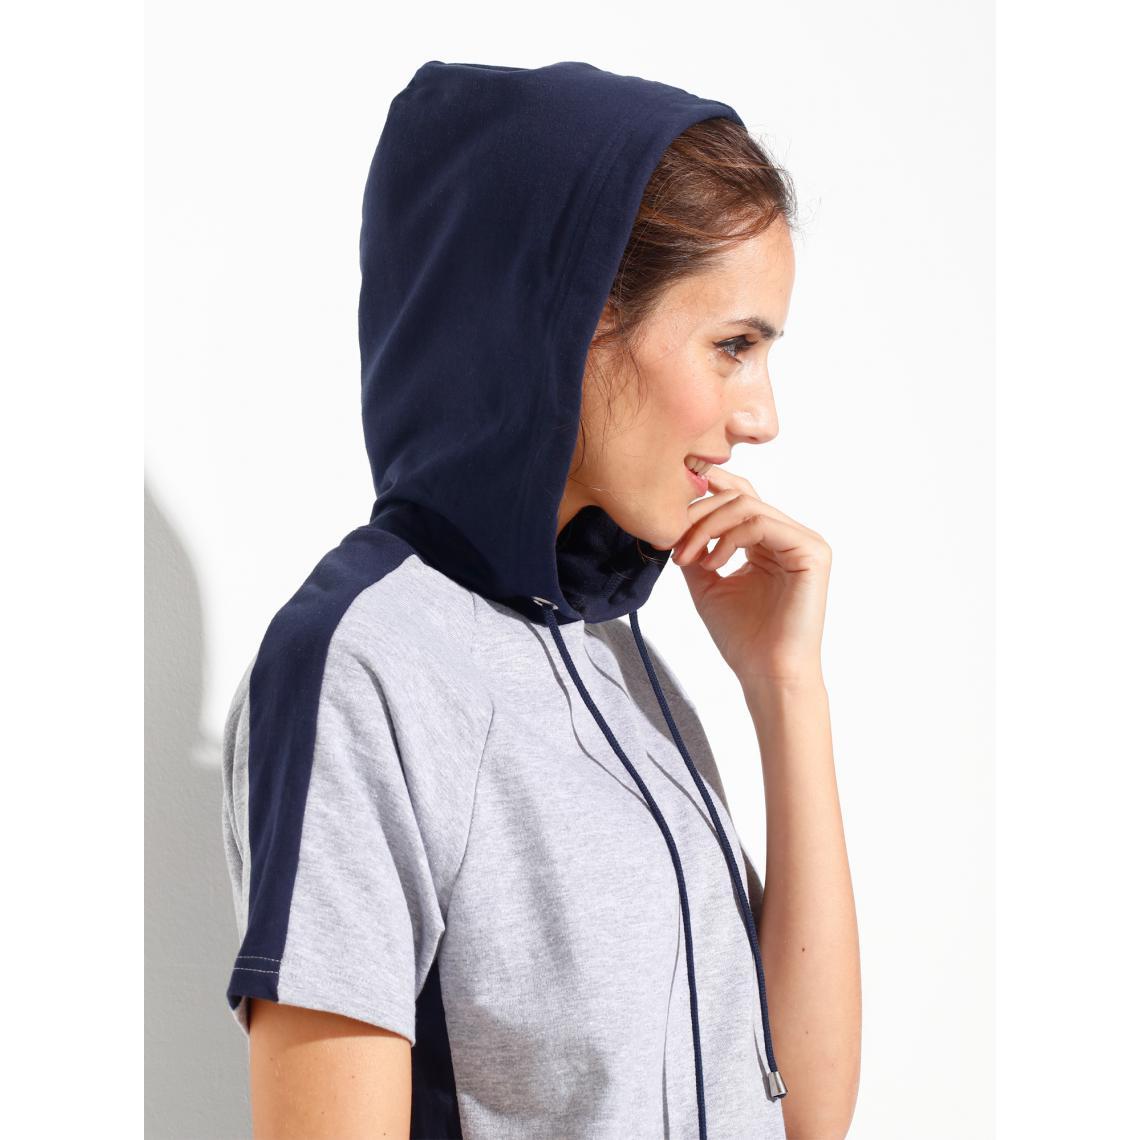 Sweater molletonné avec capuche, manches courtes Gris,bleu